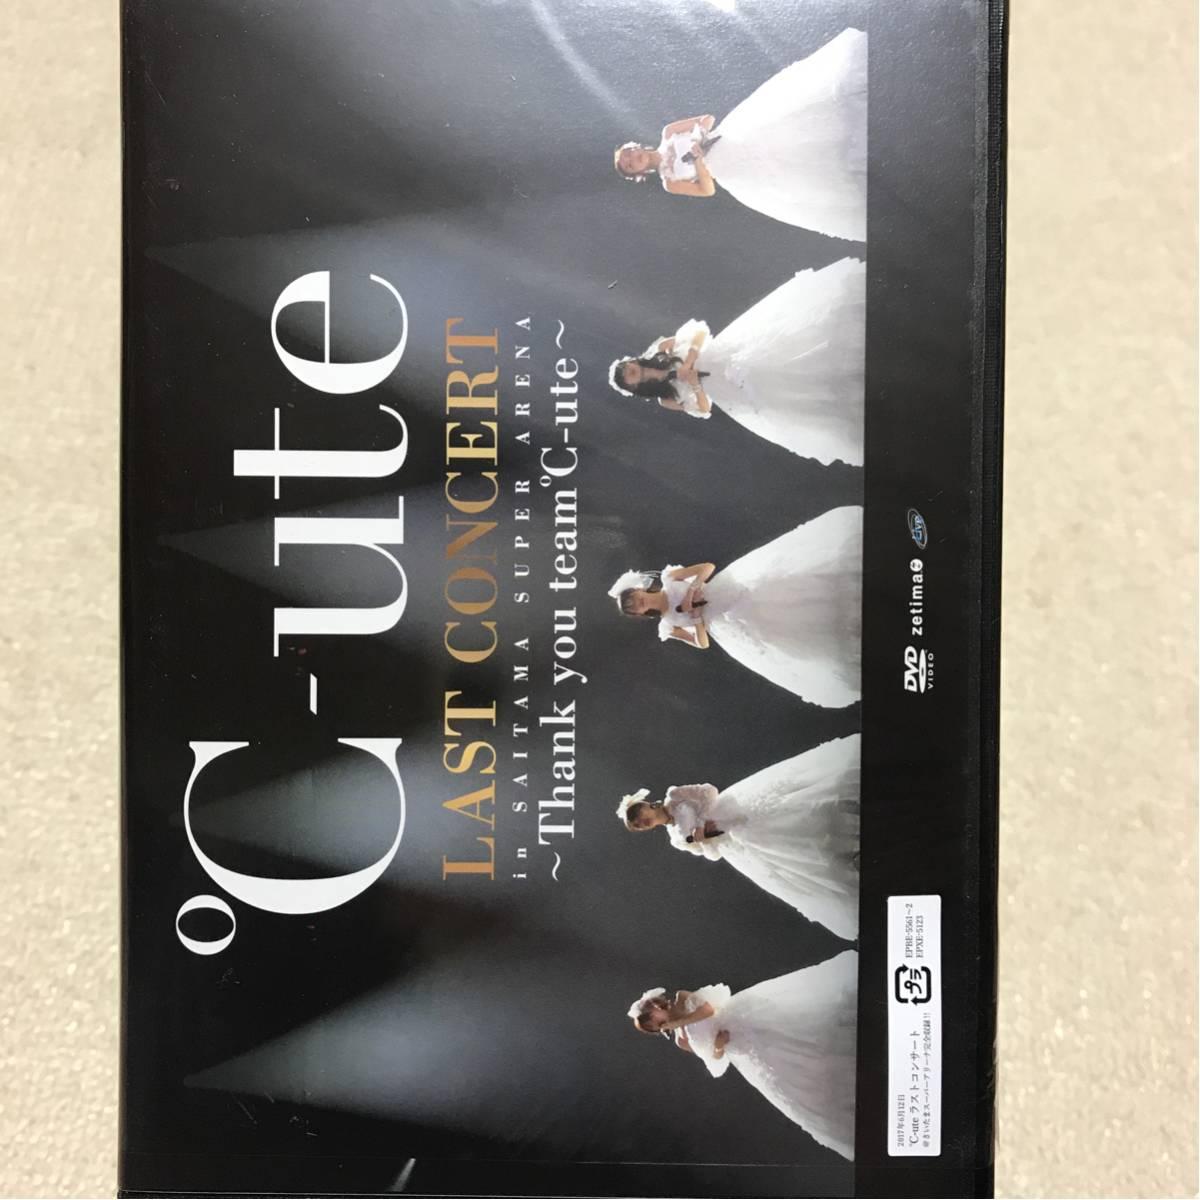 美品 ℃-ute DVD ラストコンサート in さいたまスーパーアリーナ ~Thank you team℃-ute~ ライブグッズの画像